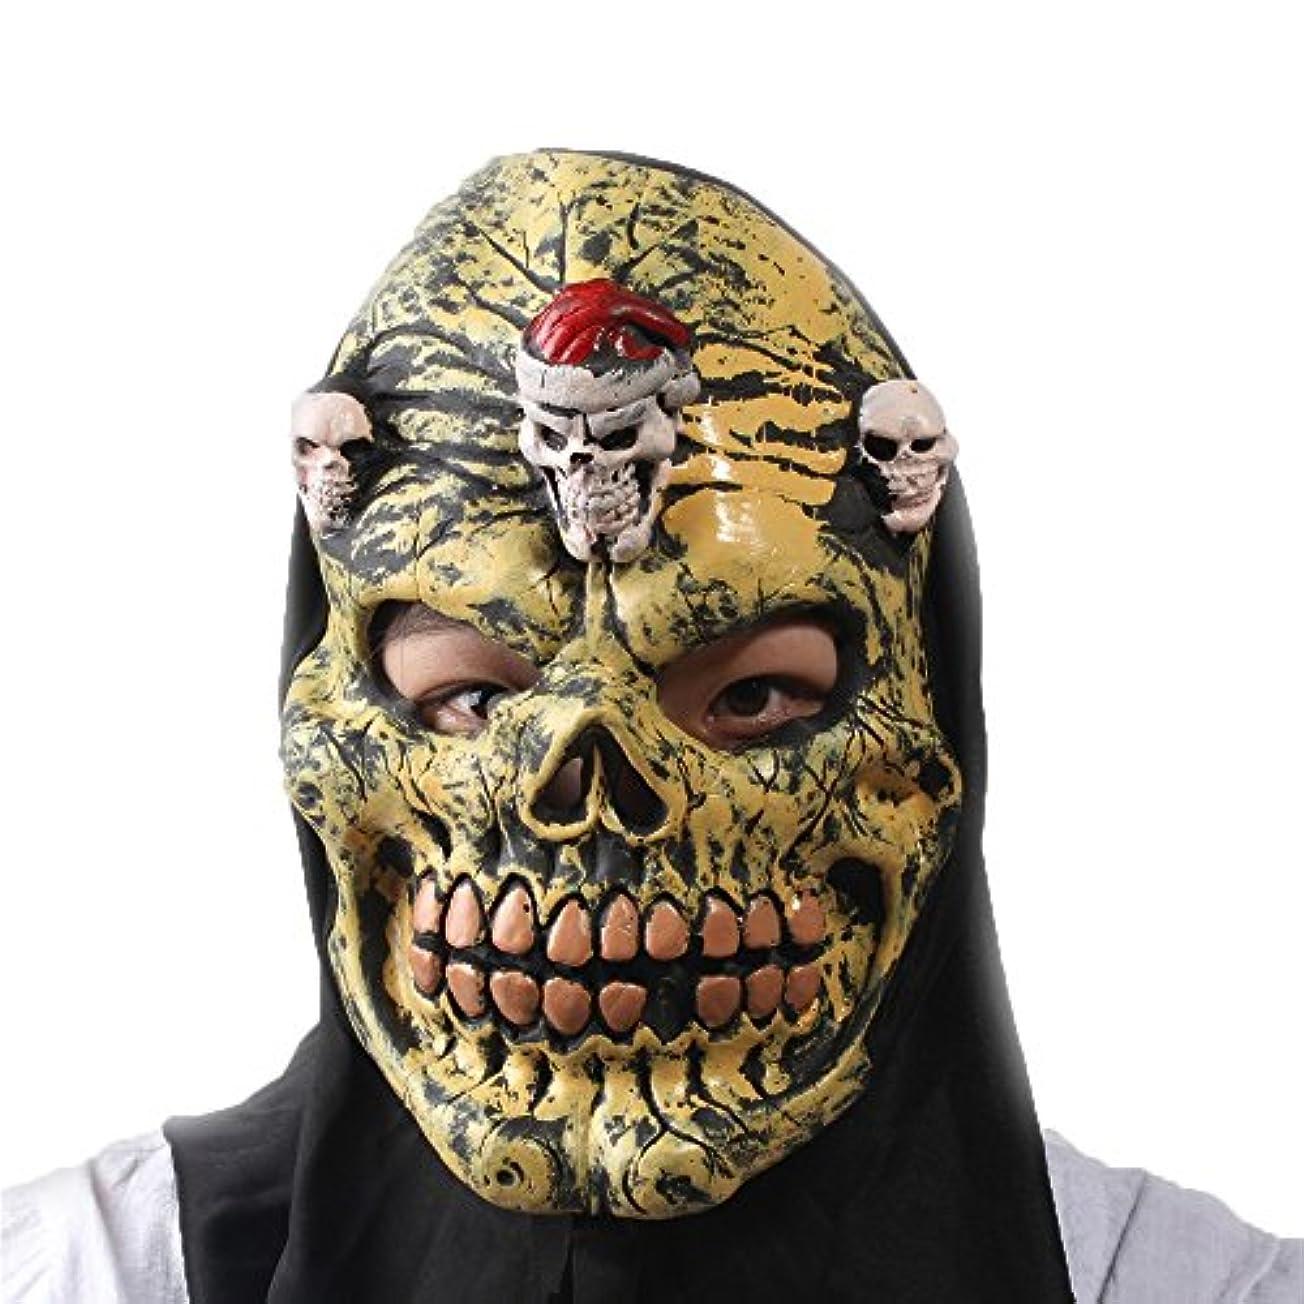 送った段階業界ハロウィンホラーウィッチマスク呪いゴーストマスク/太郎マスク/ブルネットゾンビマスク